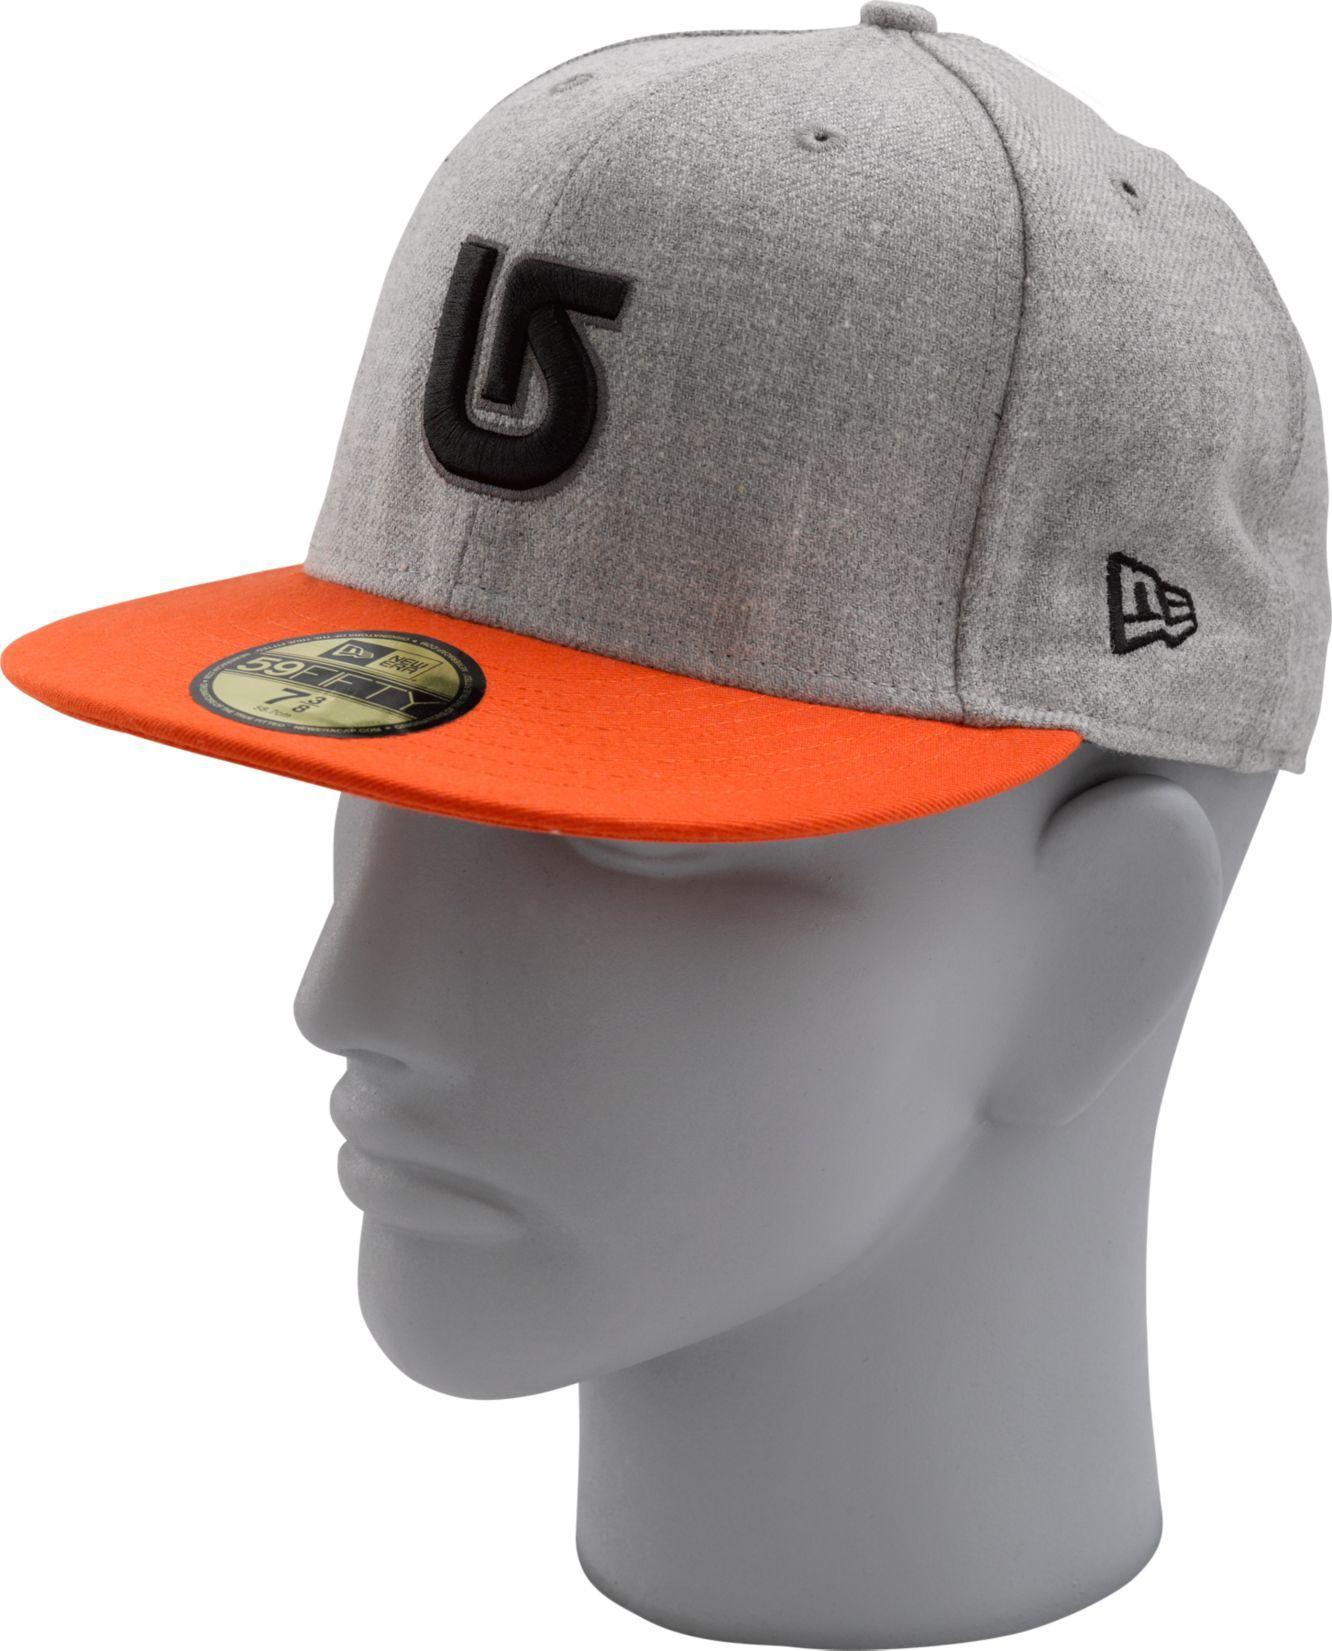 Burton  ADL New Era Hat Gorra New Era 091909b1043